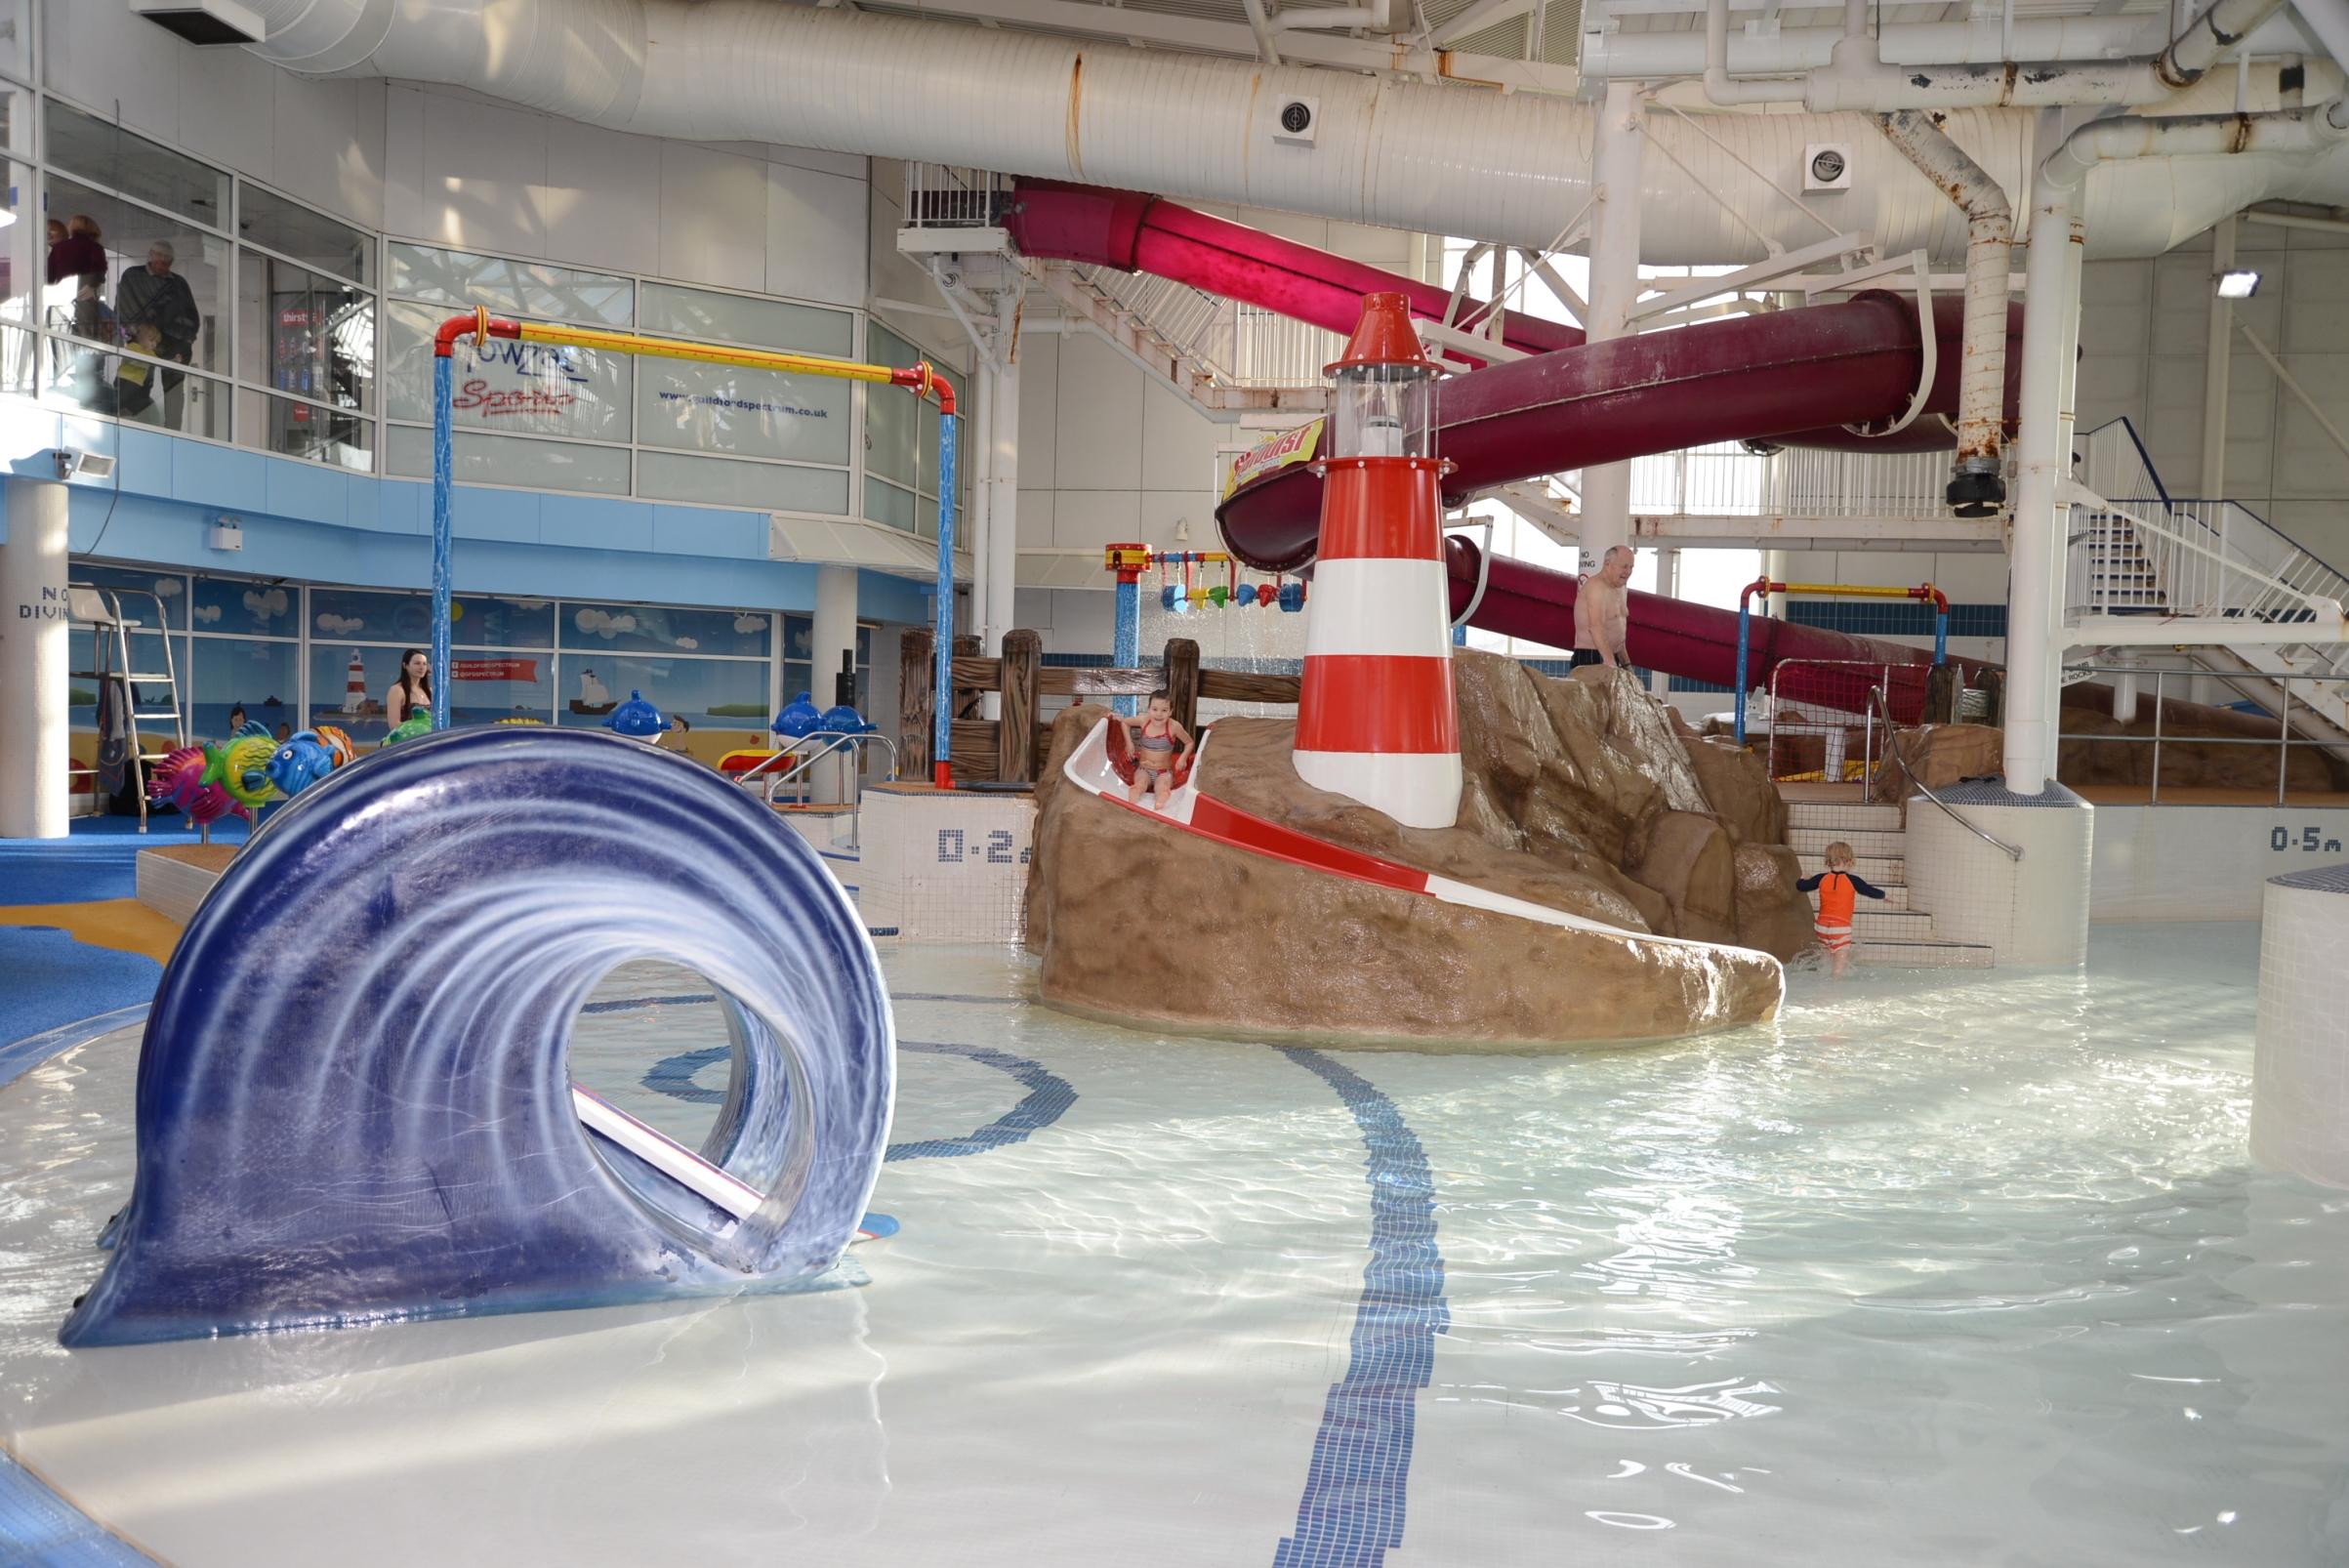 Leisure Pool Lighthouse Slide